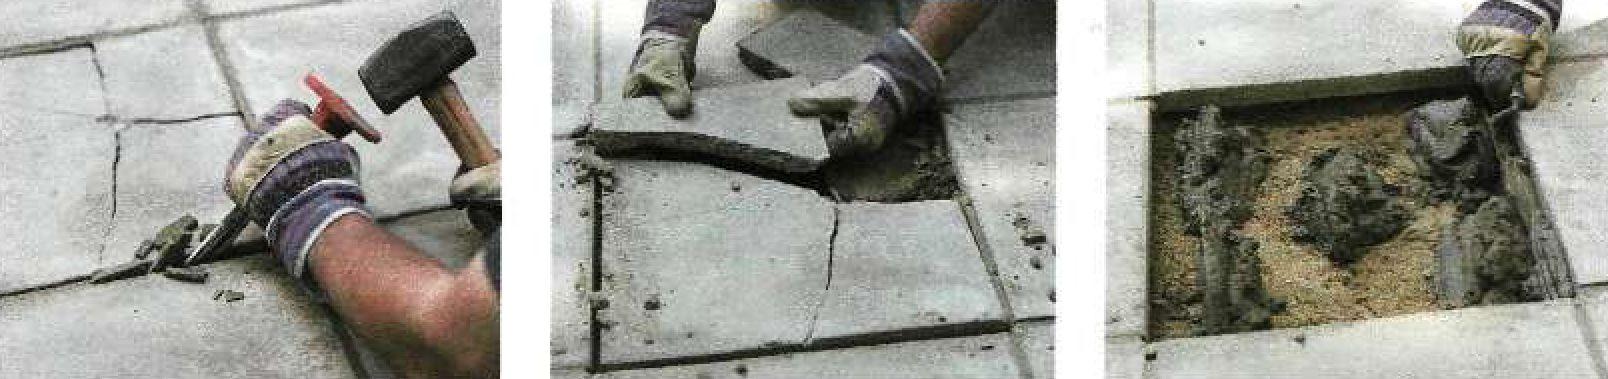 Замена бетонной тротуарной плитки